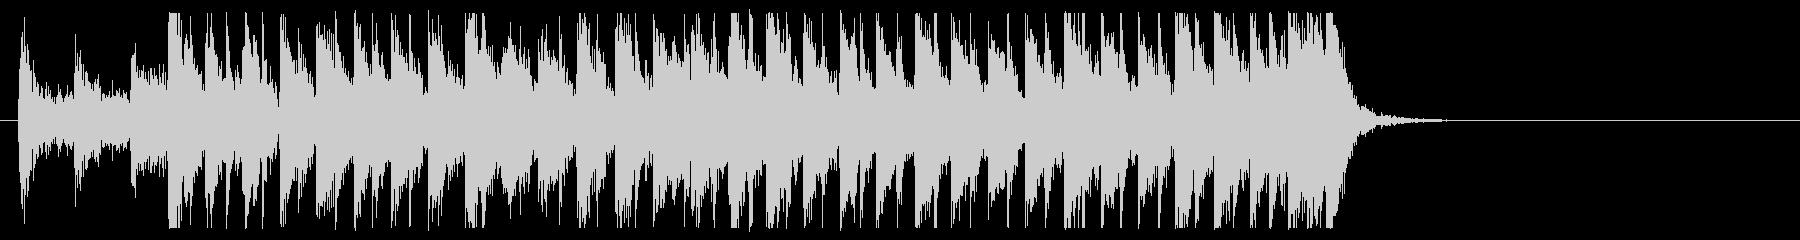 三味線と太鼓のアンサンブル4BPM120の未再生の波形